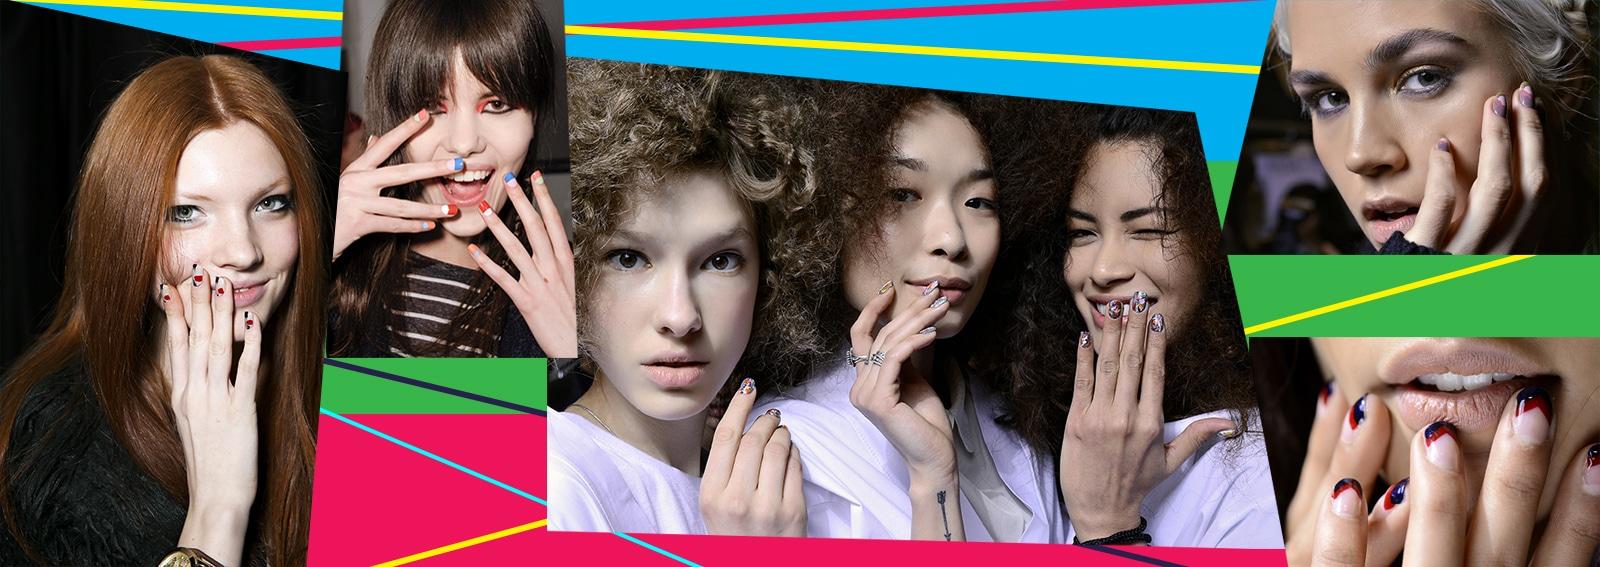 cover-la-nail-art-e-multicolor-desktop